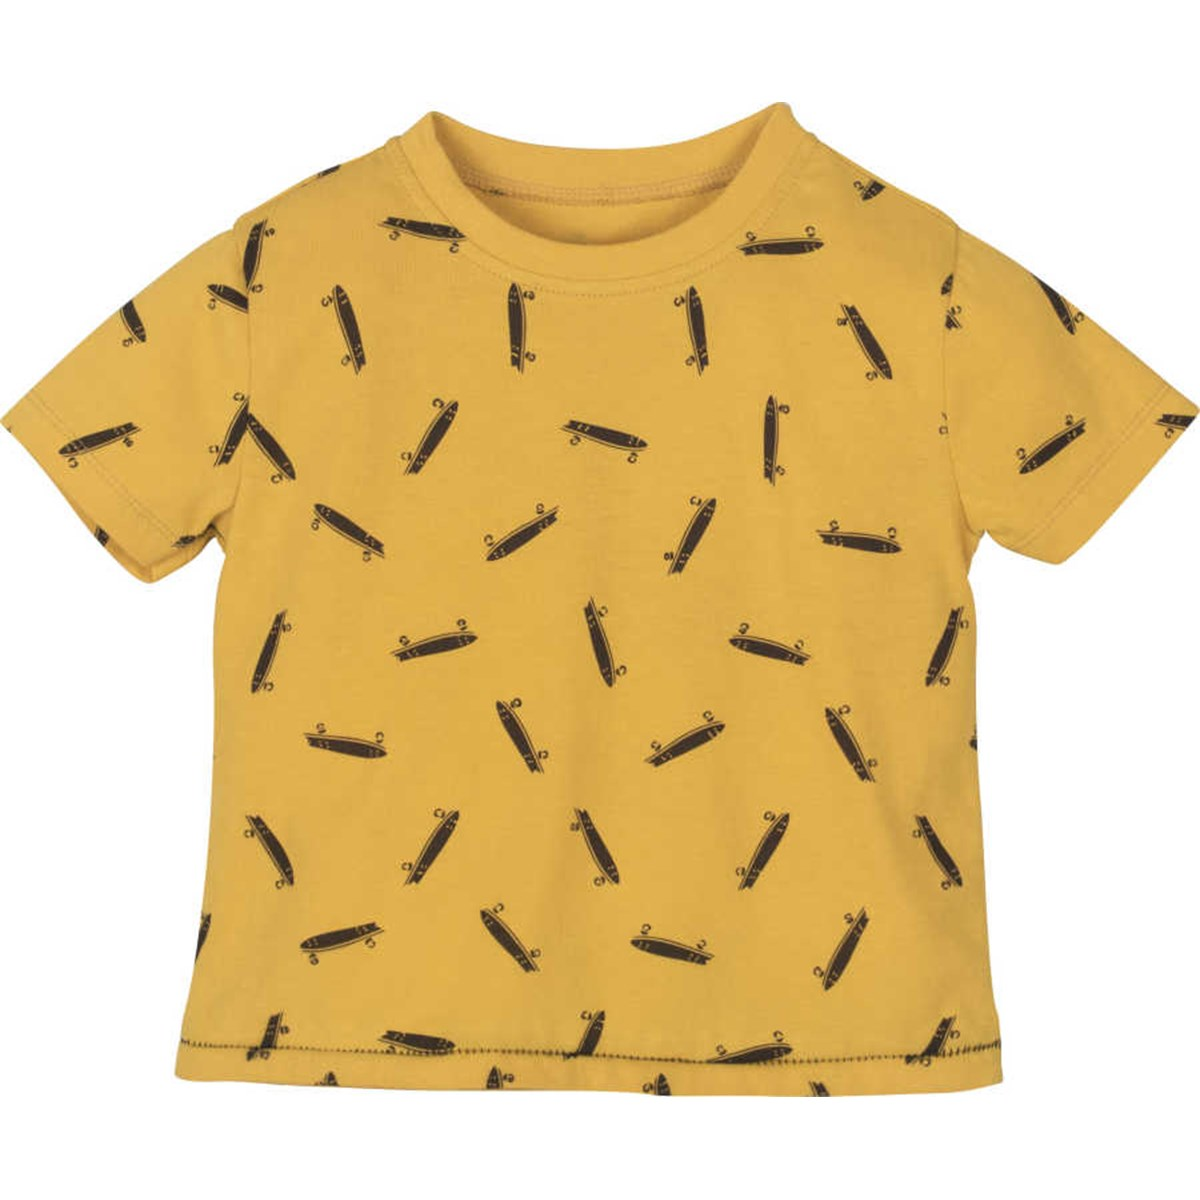 11541 T-Shirt 1